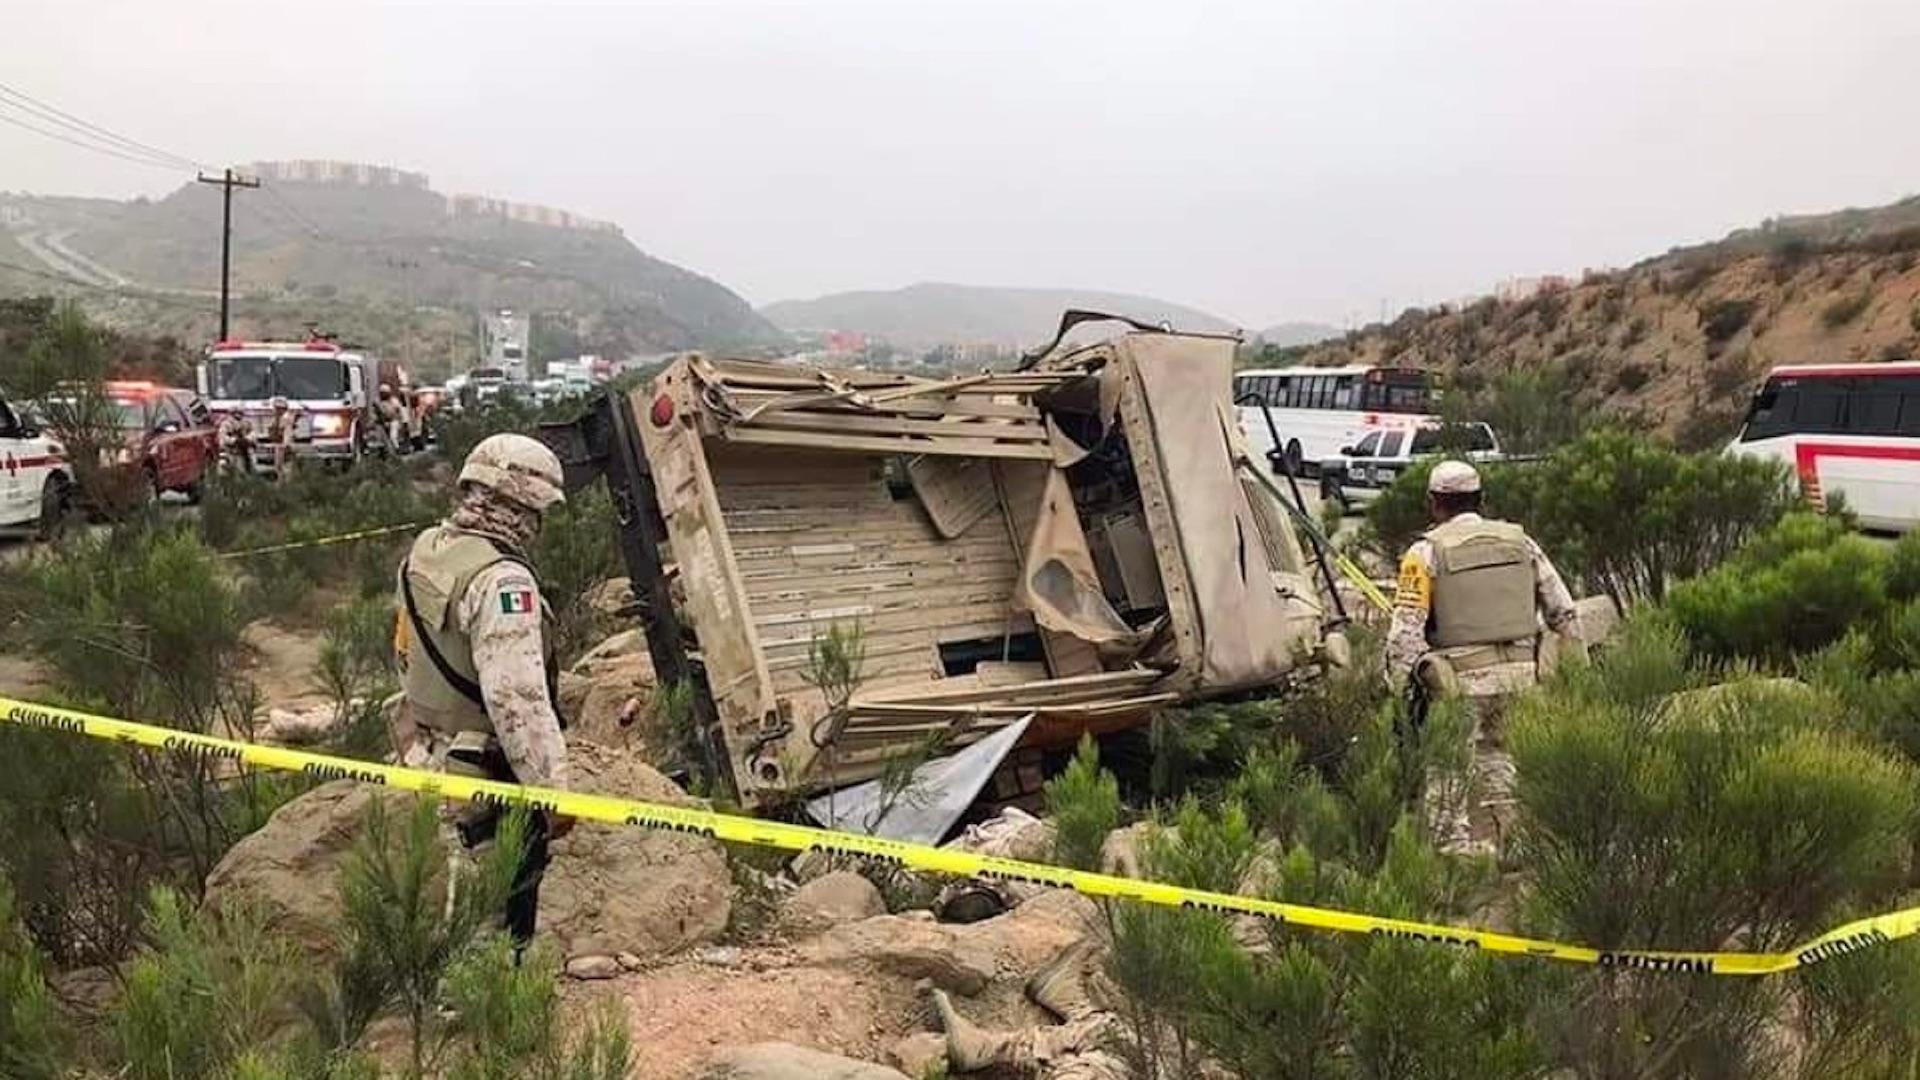 ¡Trágico accidente! Fallecen seis militares tras volcadura